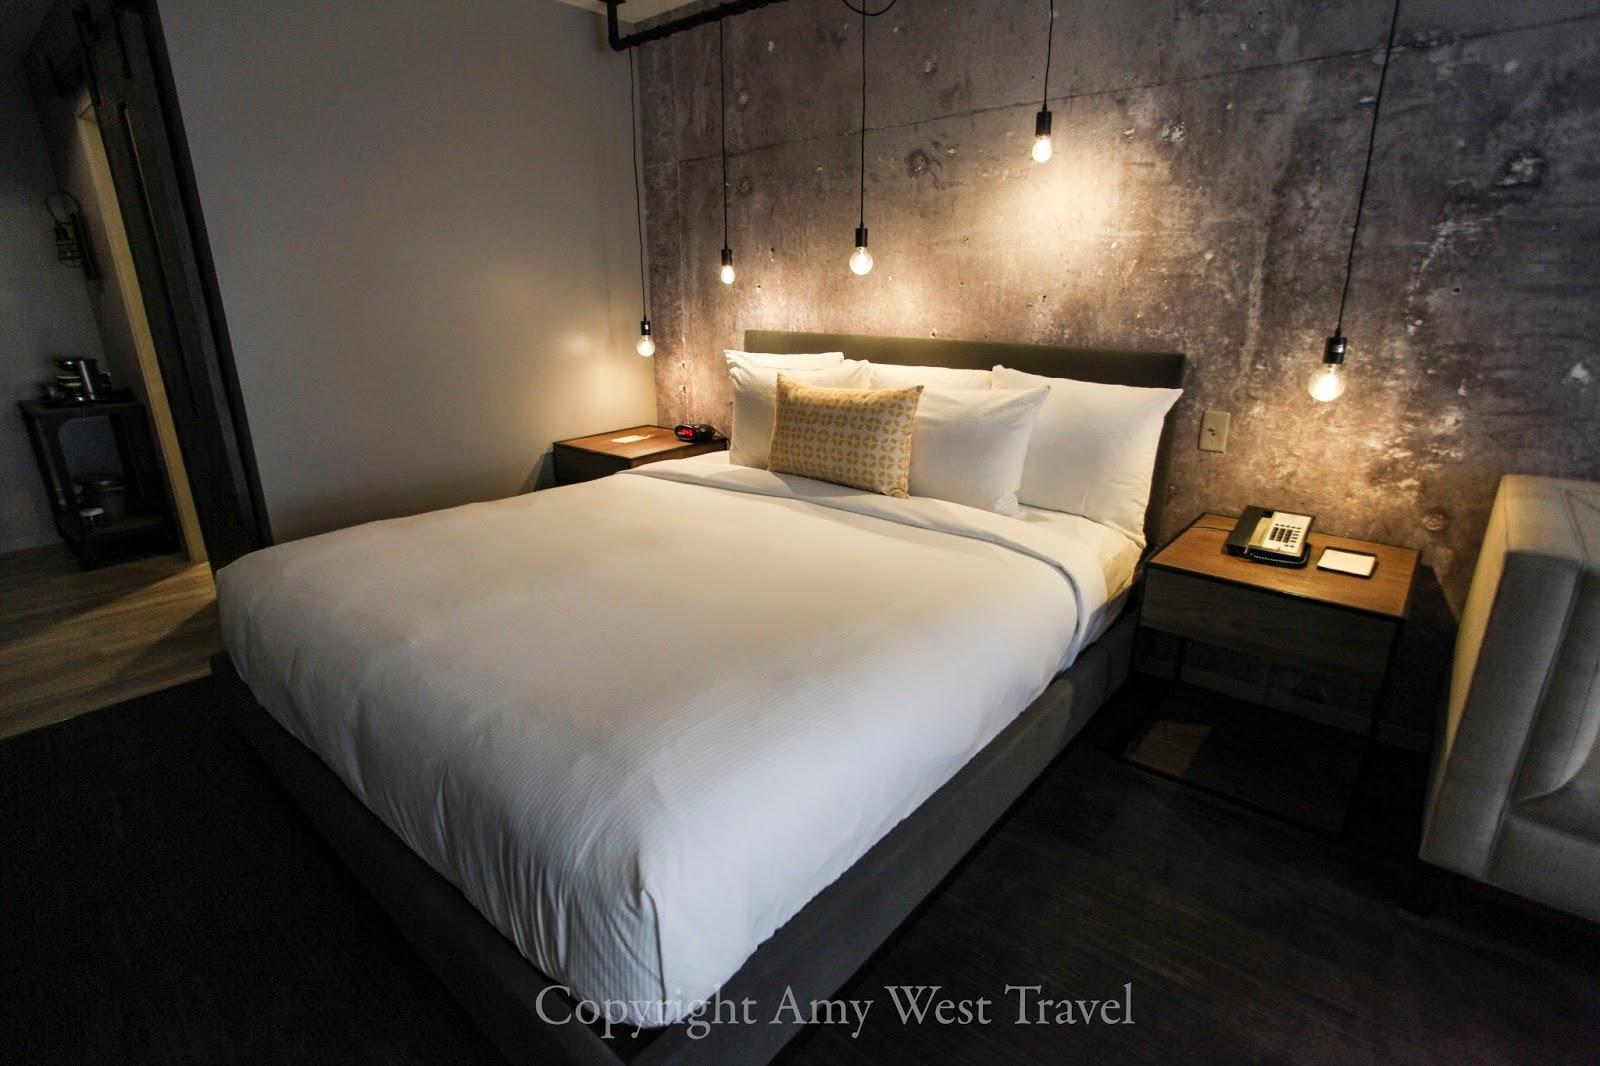 Room at Pier 2620 Hotel